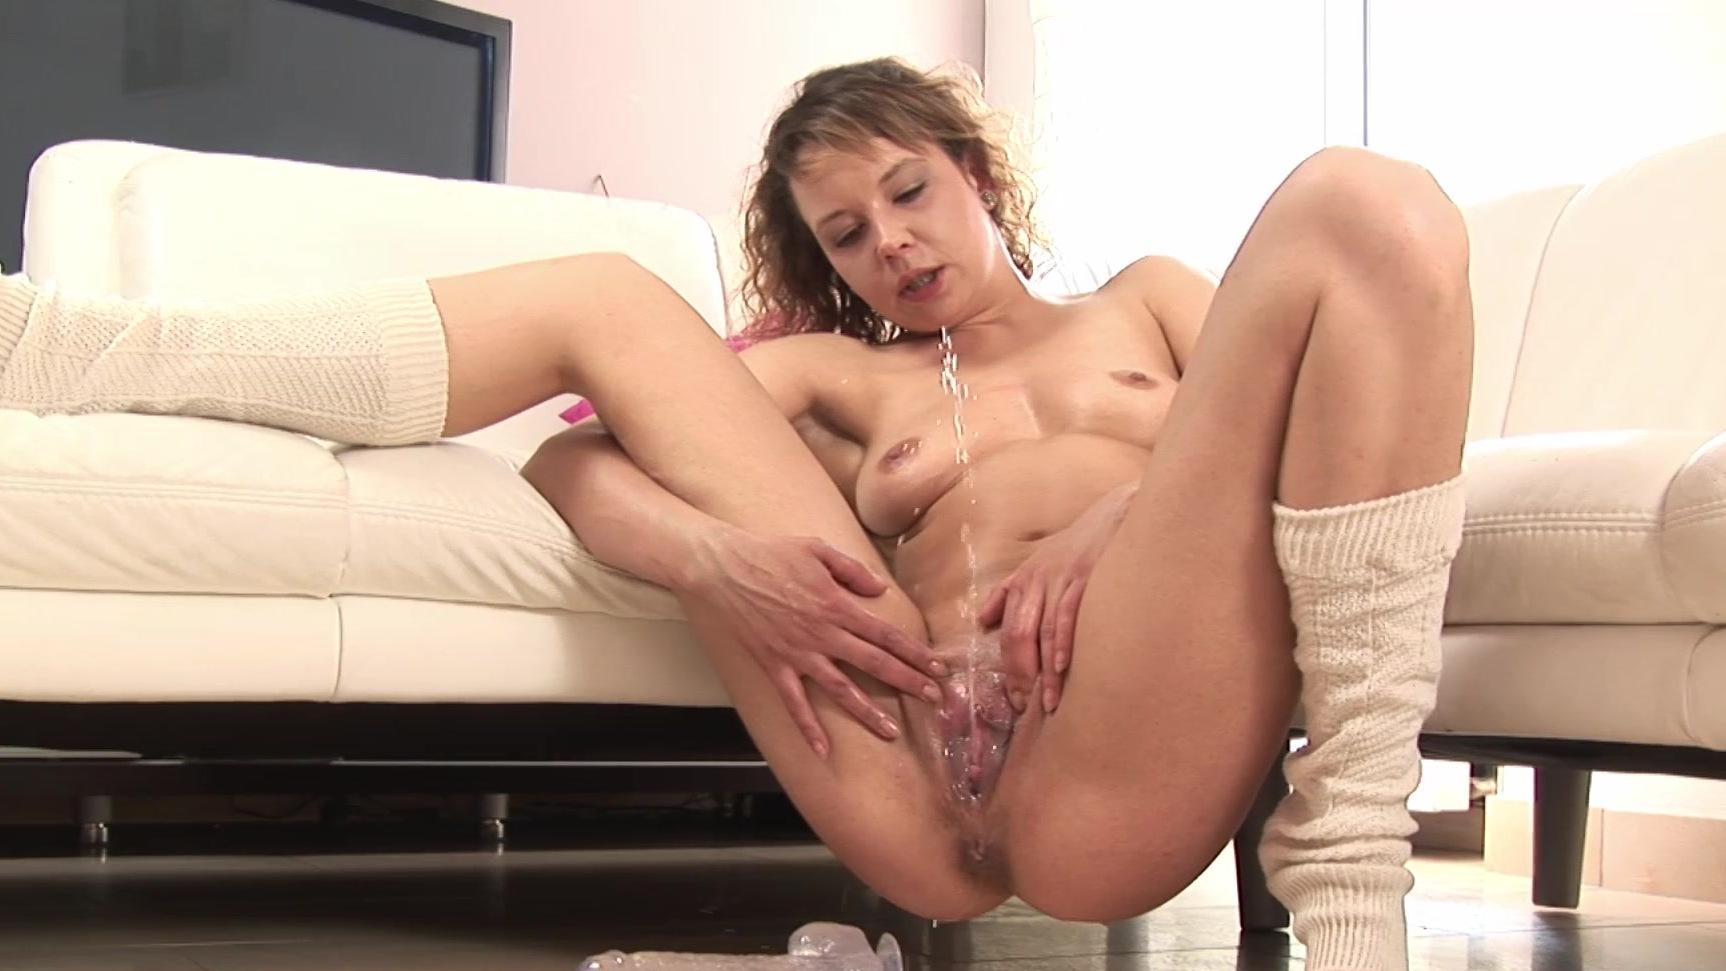 мастурбирует и кончает на диване порно